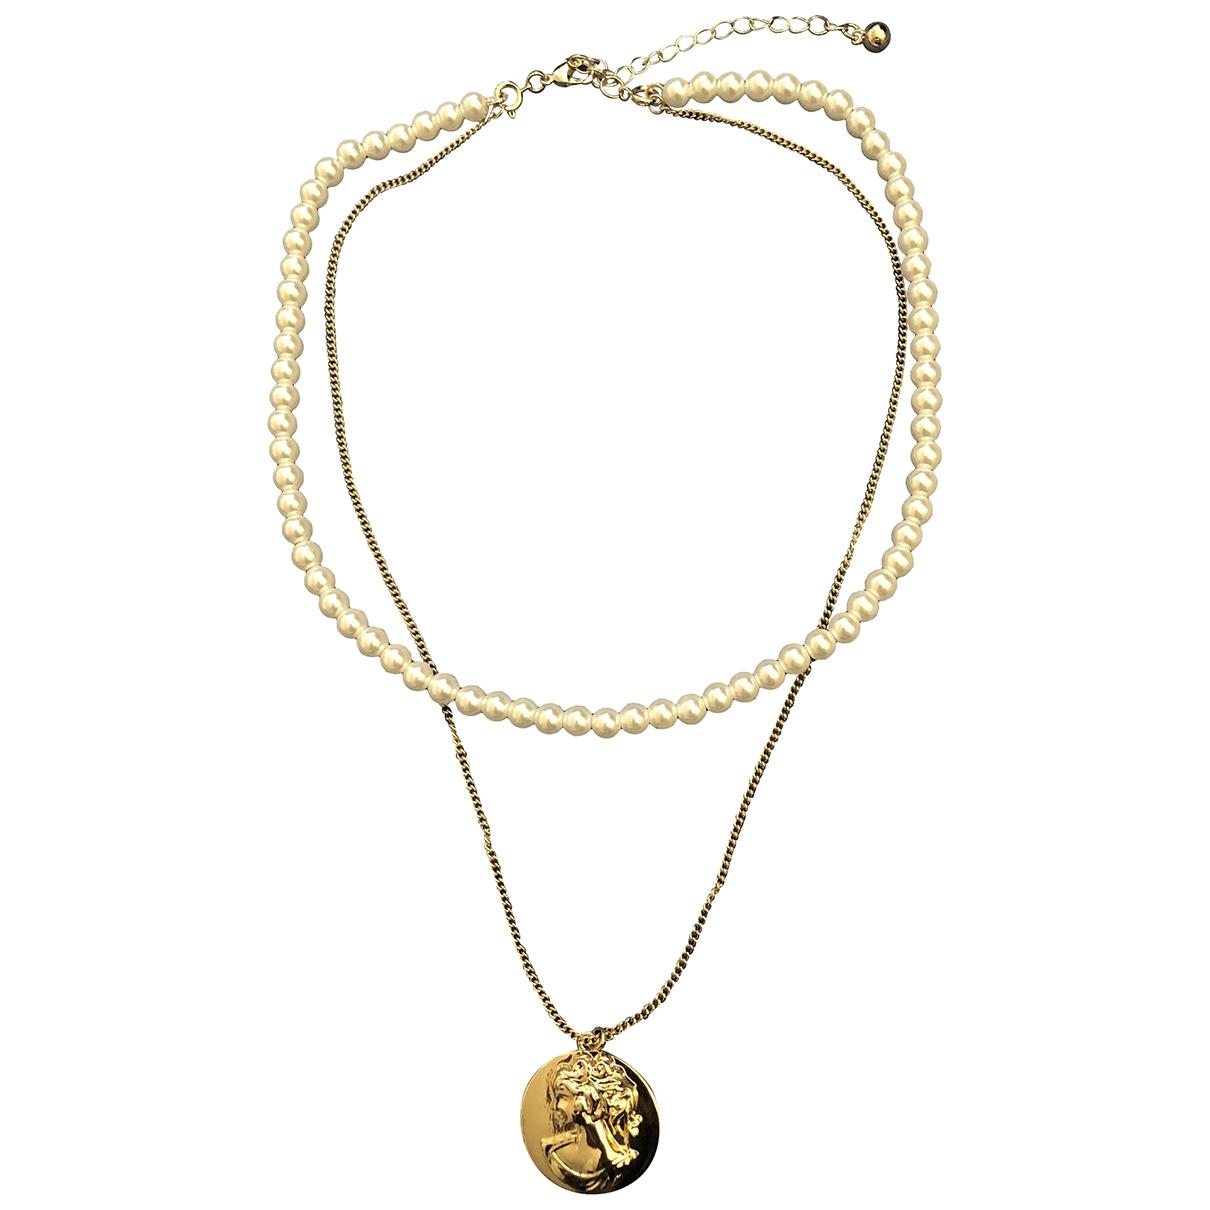 - Collier Medailles pour femme en metal - dore